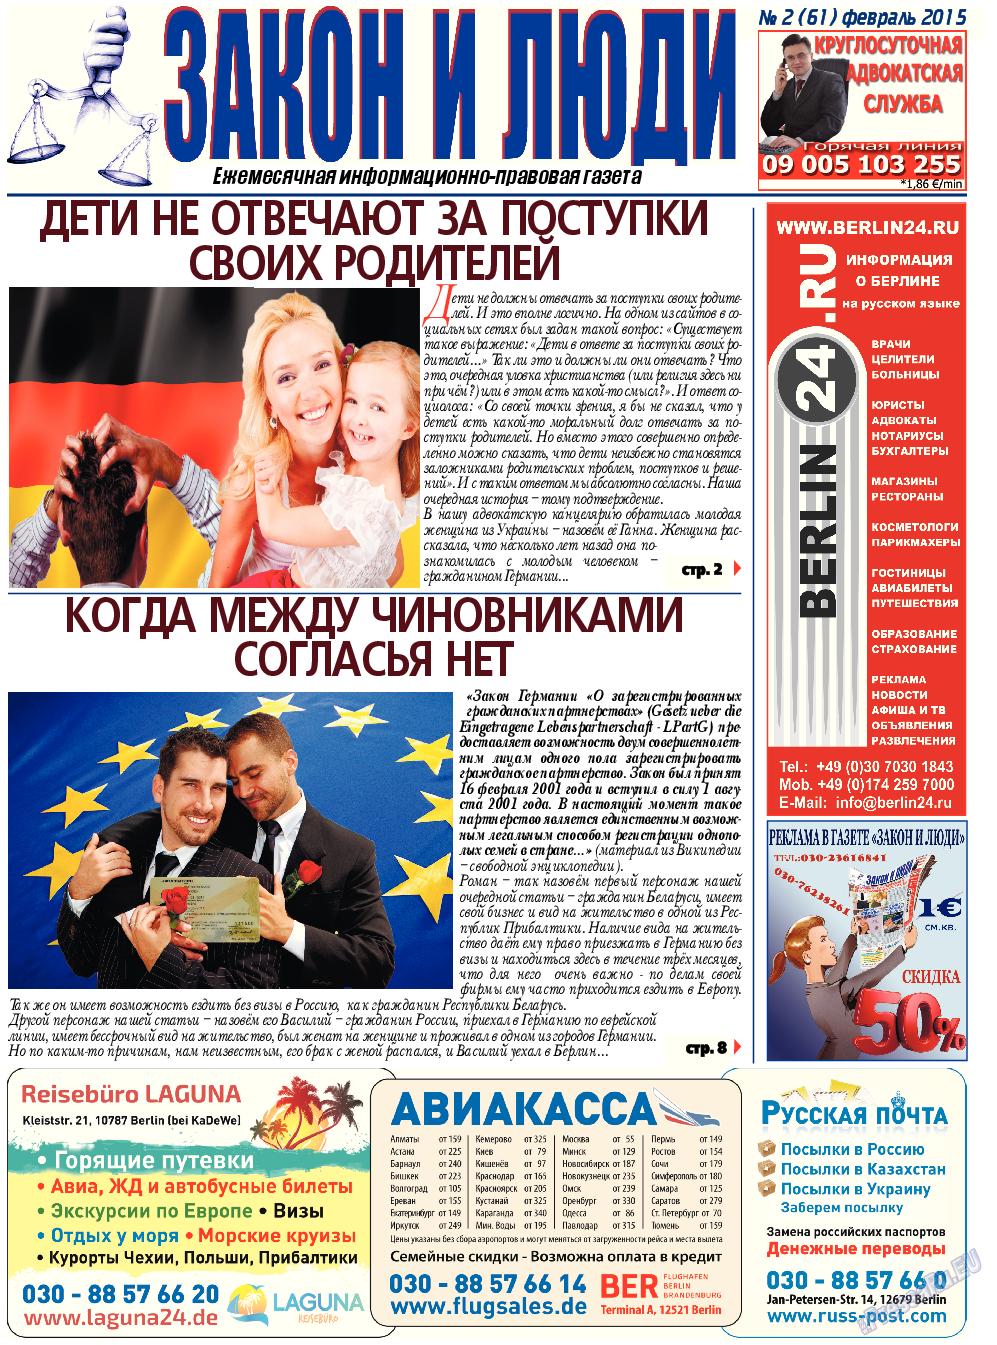 Закон и люди (газета). 2015 год, номер 2, стр. 1